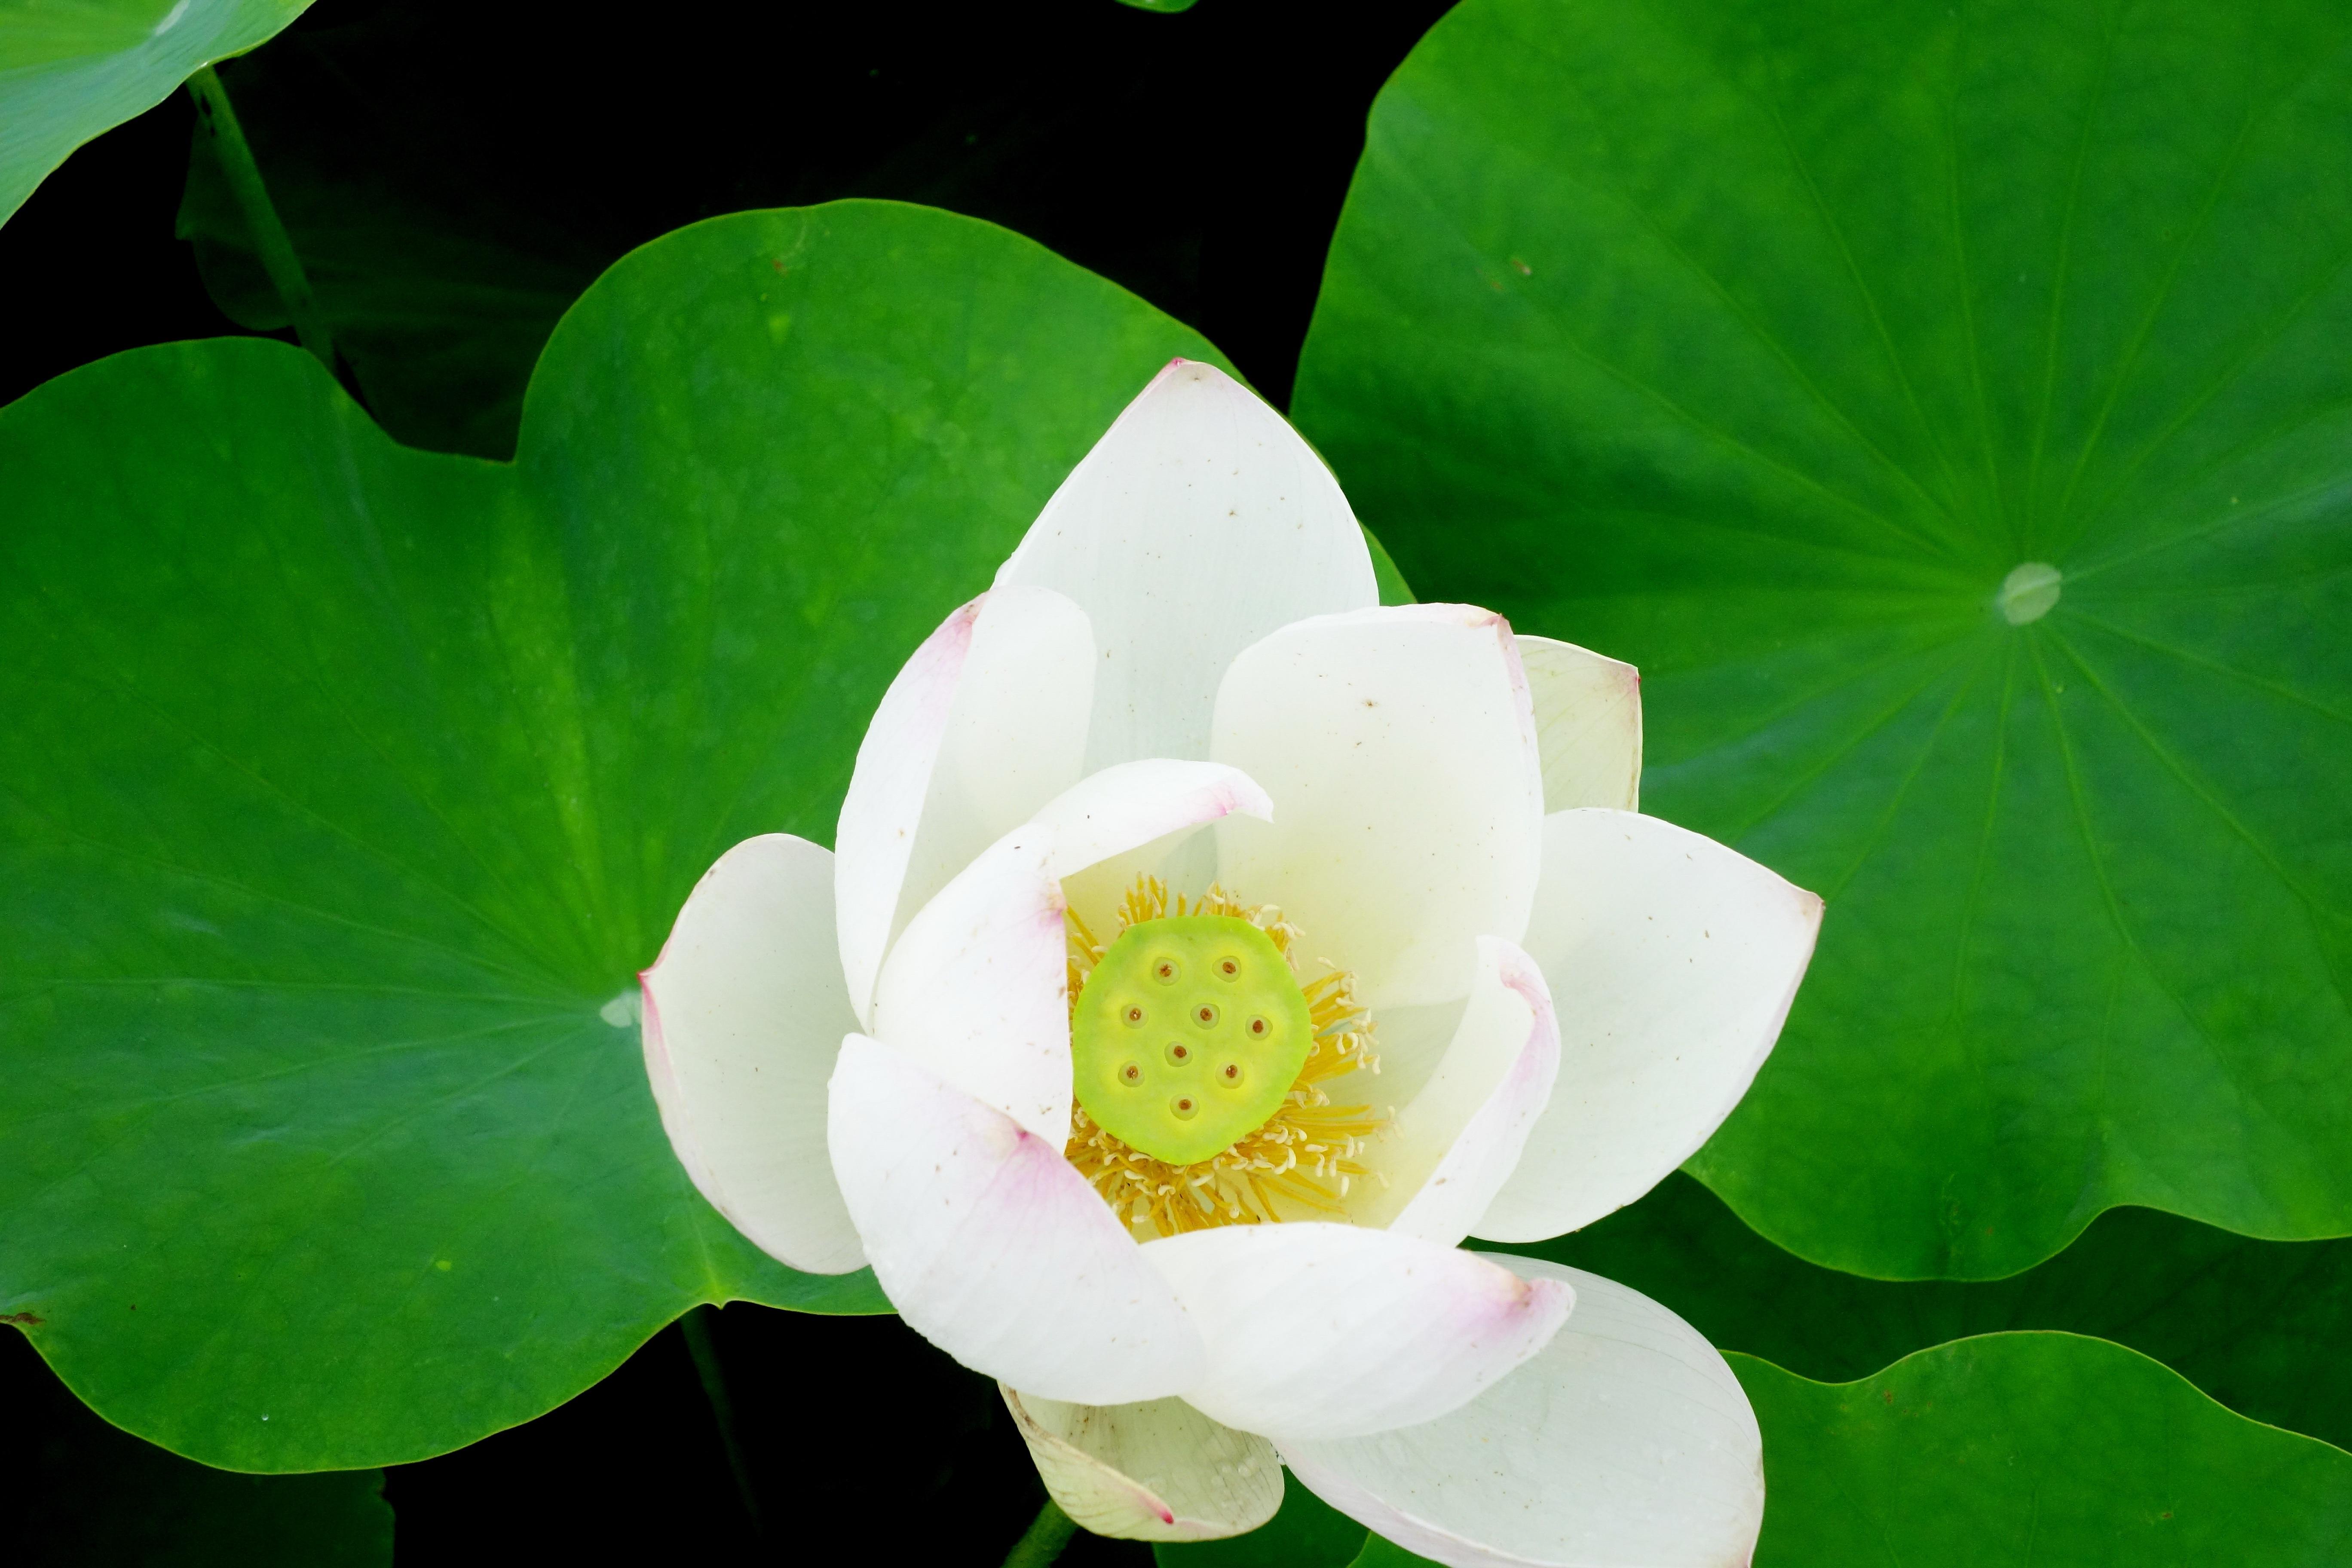 Fotos gratis : naturaleza, flor, hoja, pétalo, verde, botánica ...